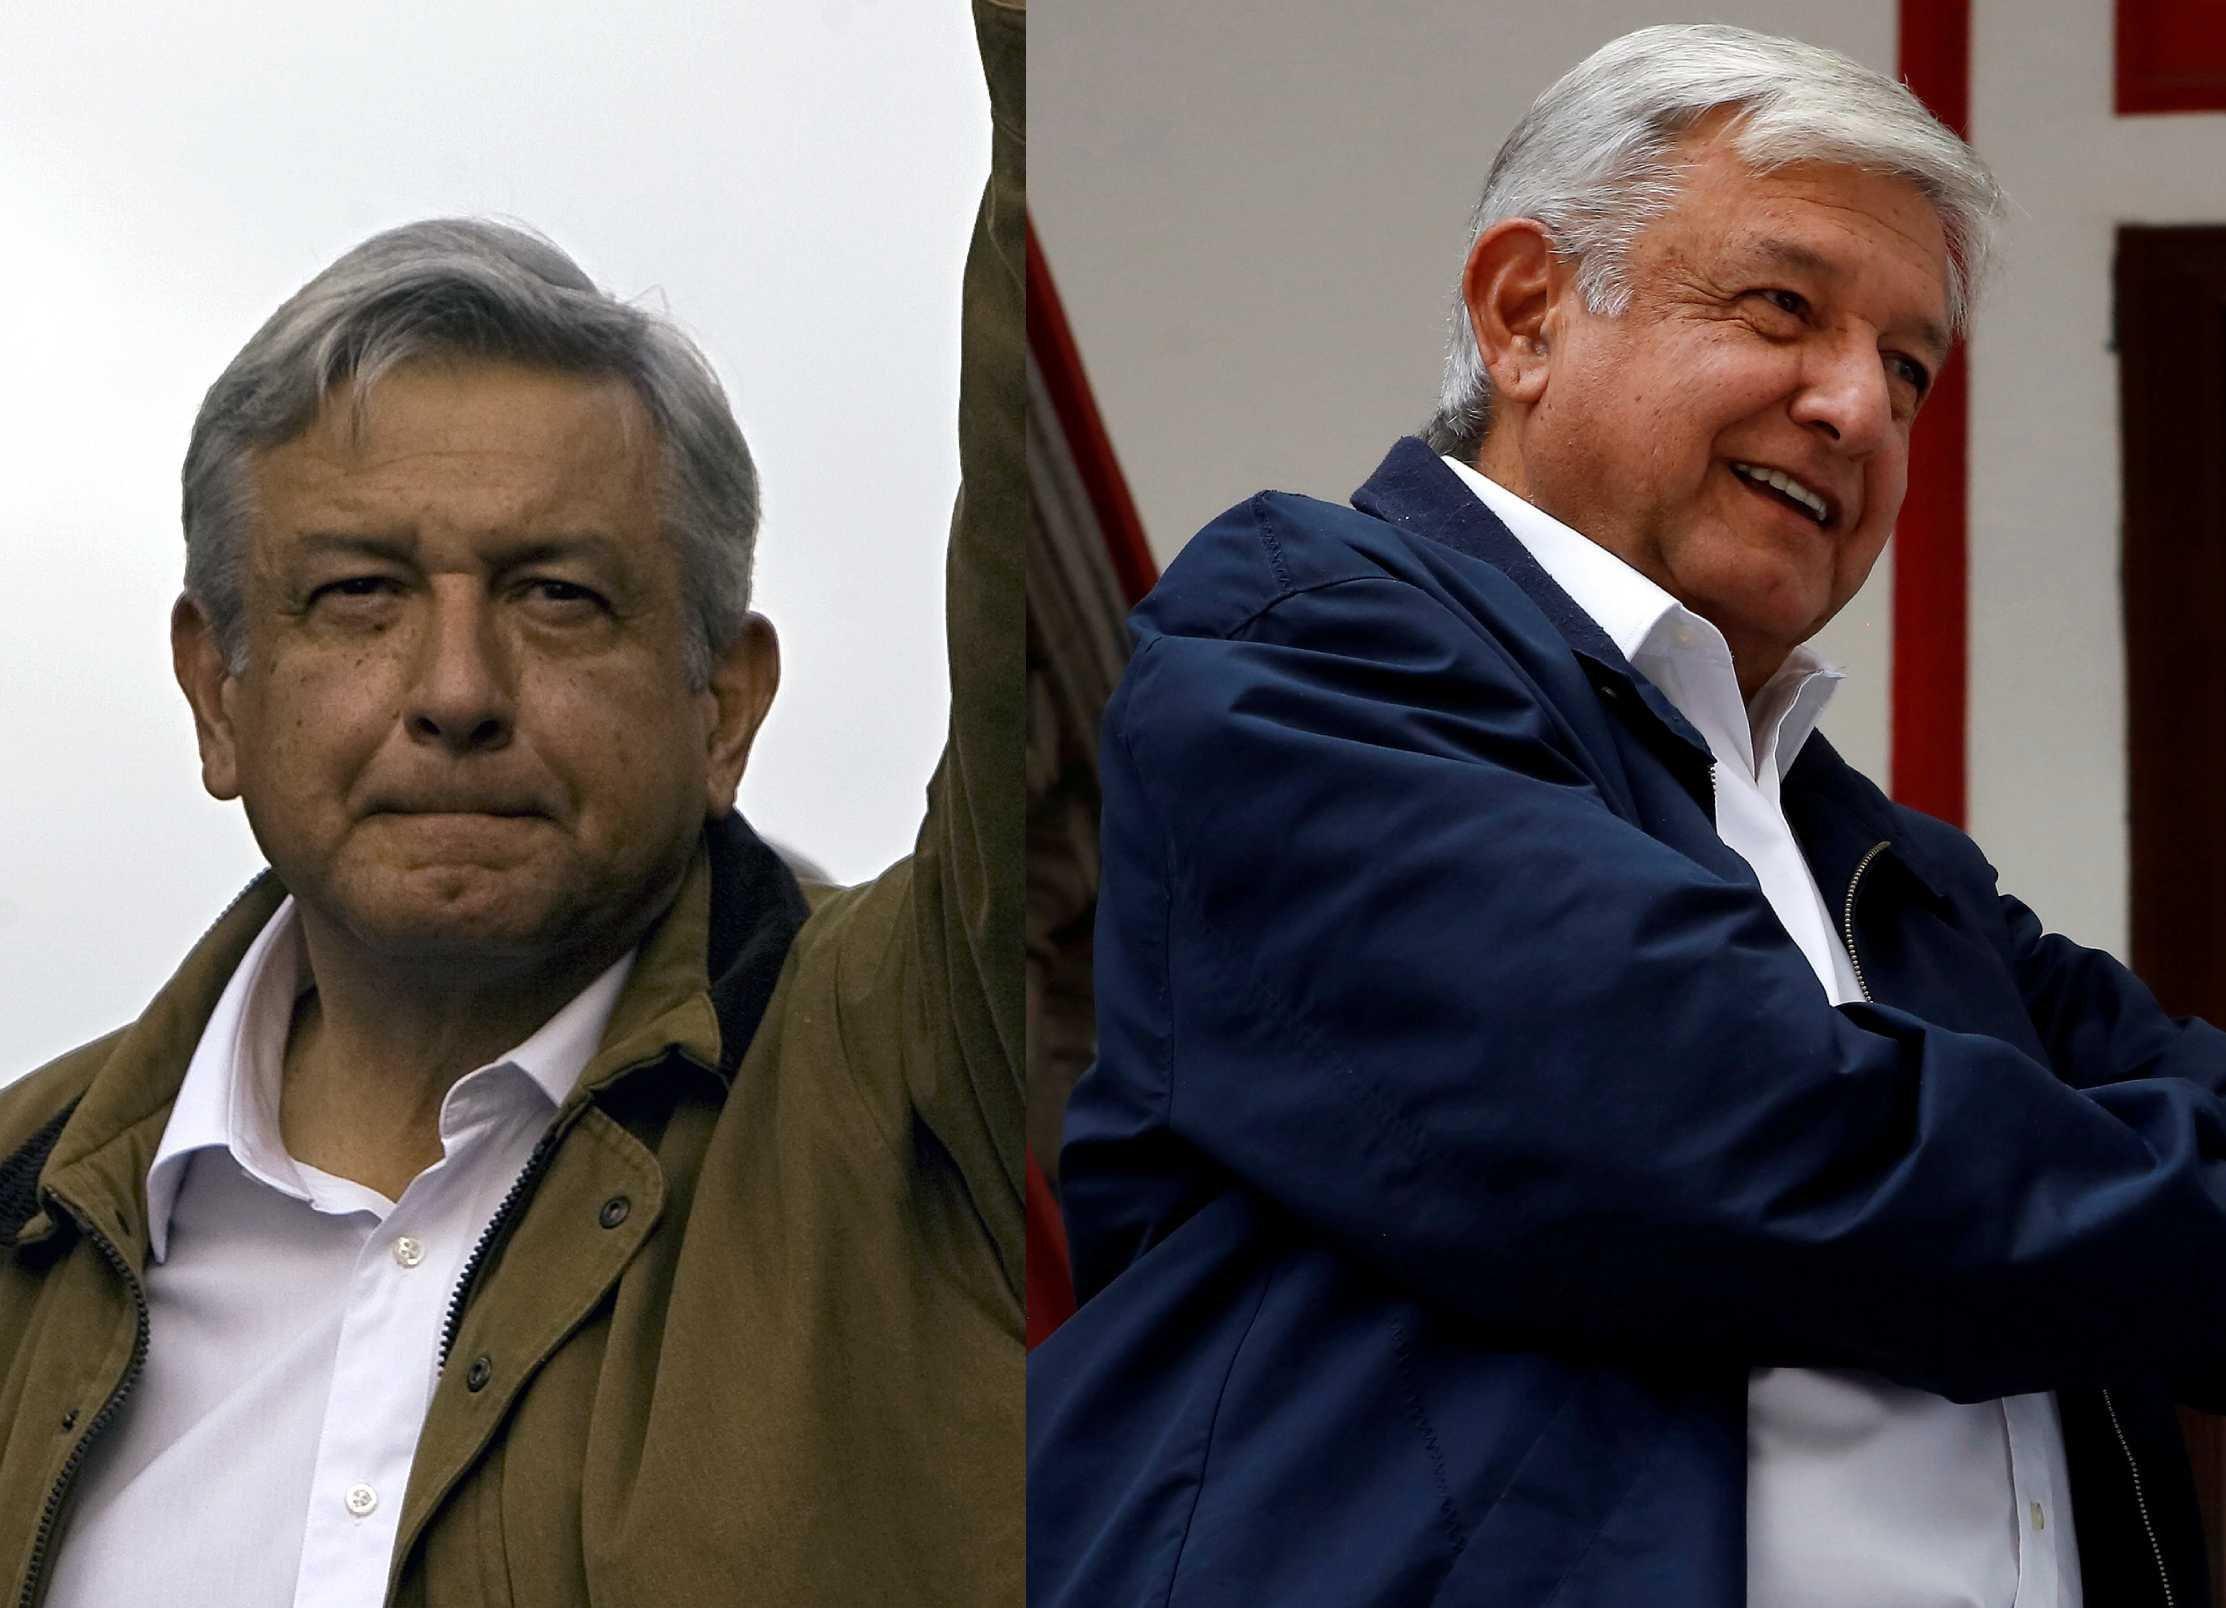 El actual presidente de México, Andrés Manuel López Obrador, en el 2008 y en el 2018